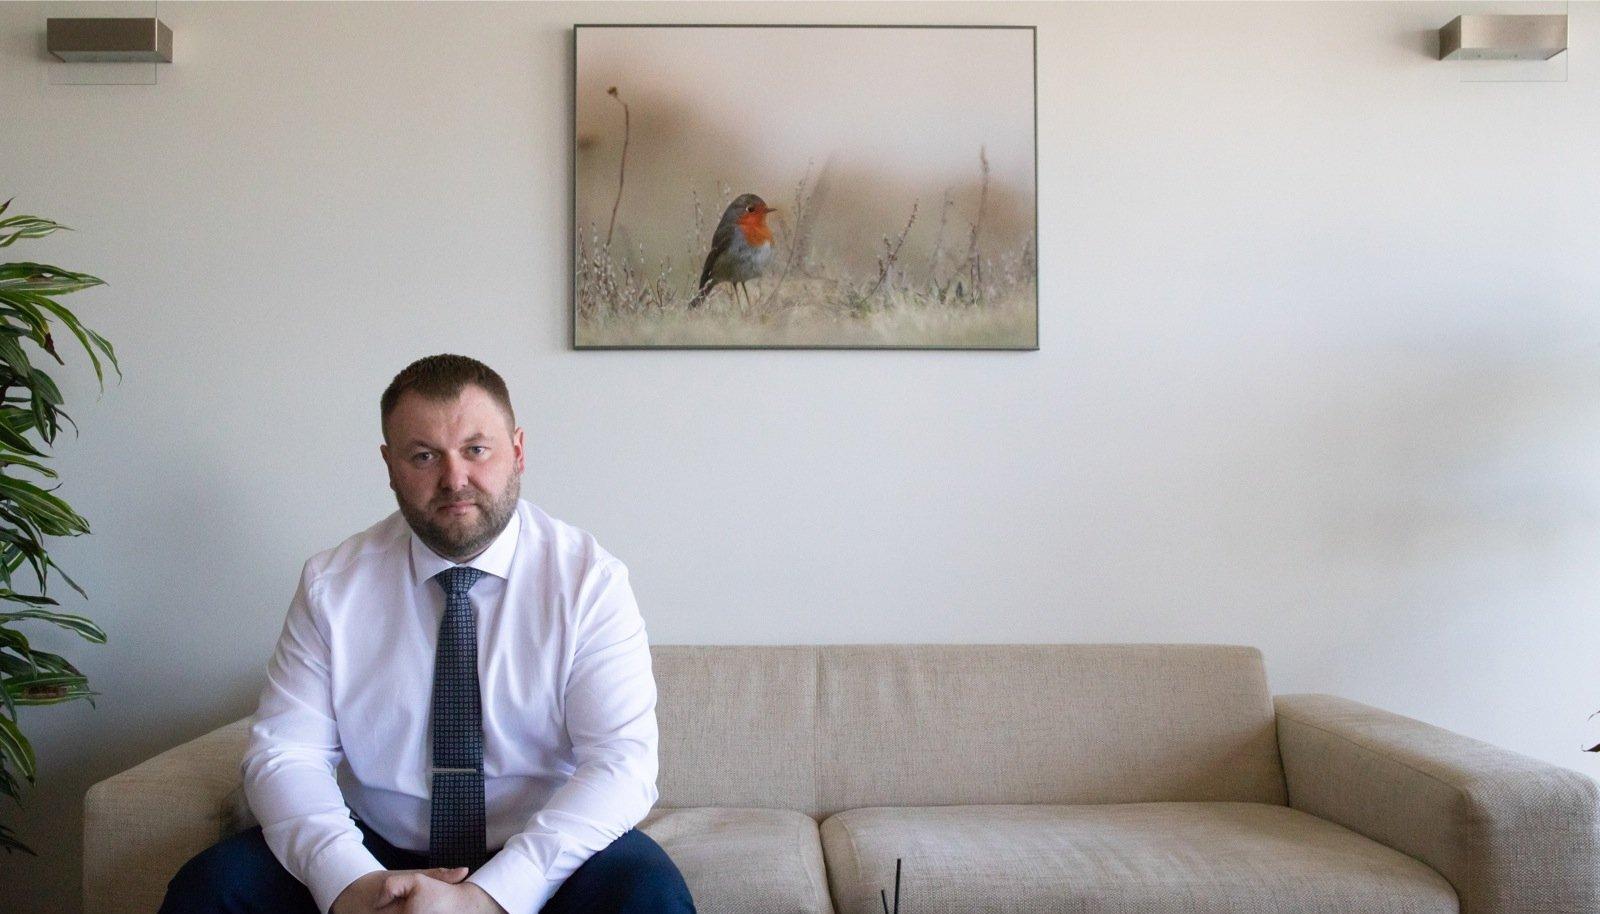 Keskkonnaminister jäätmemajandusest: minul on selg vastu seina